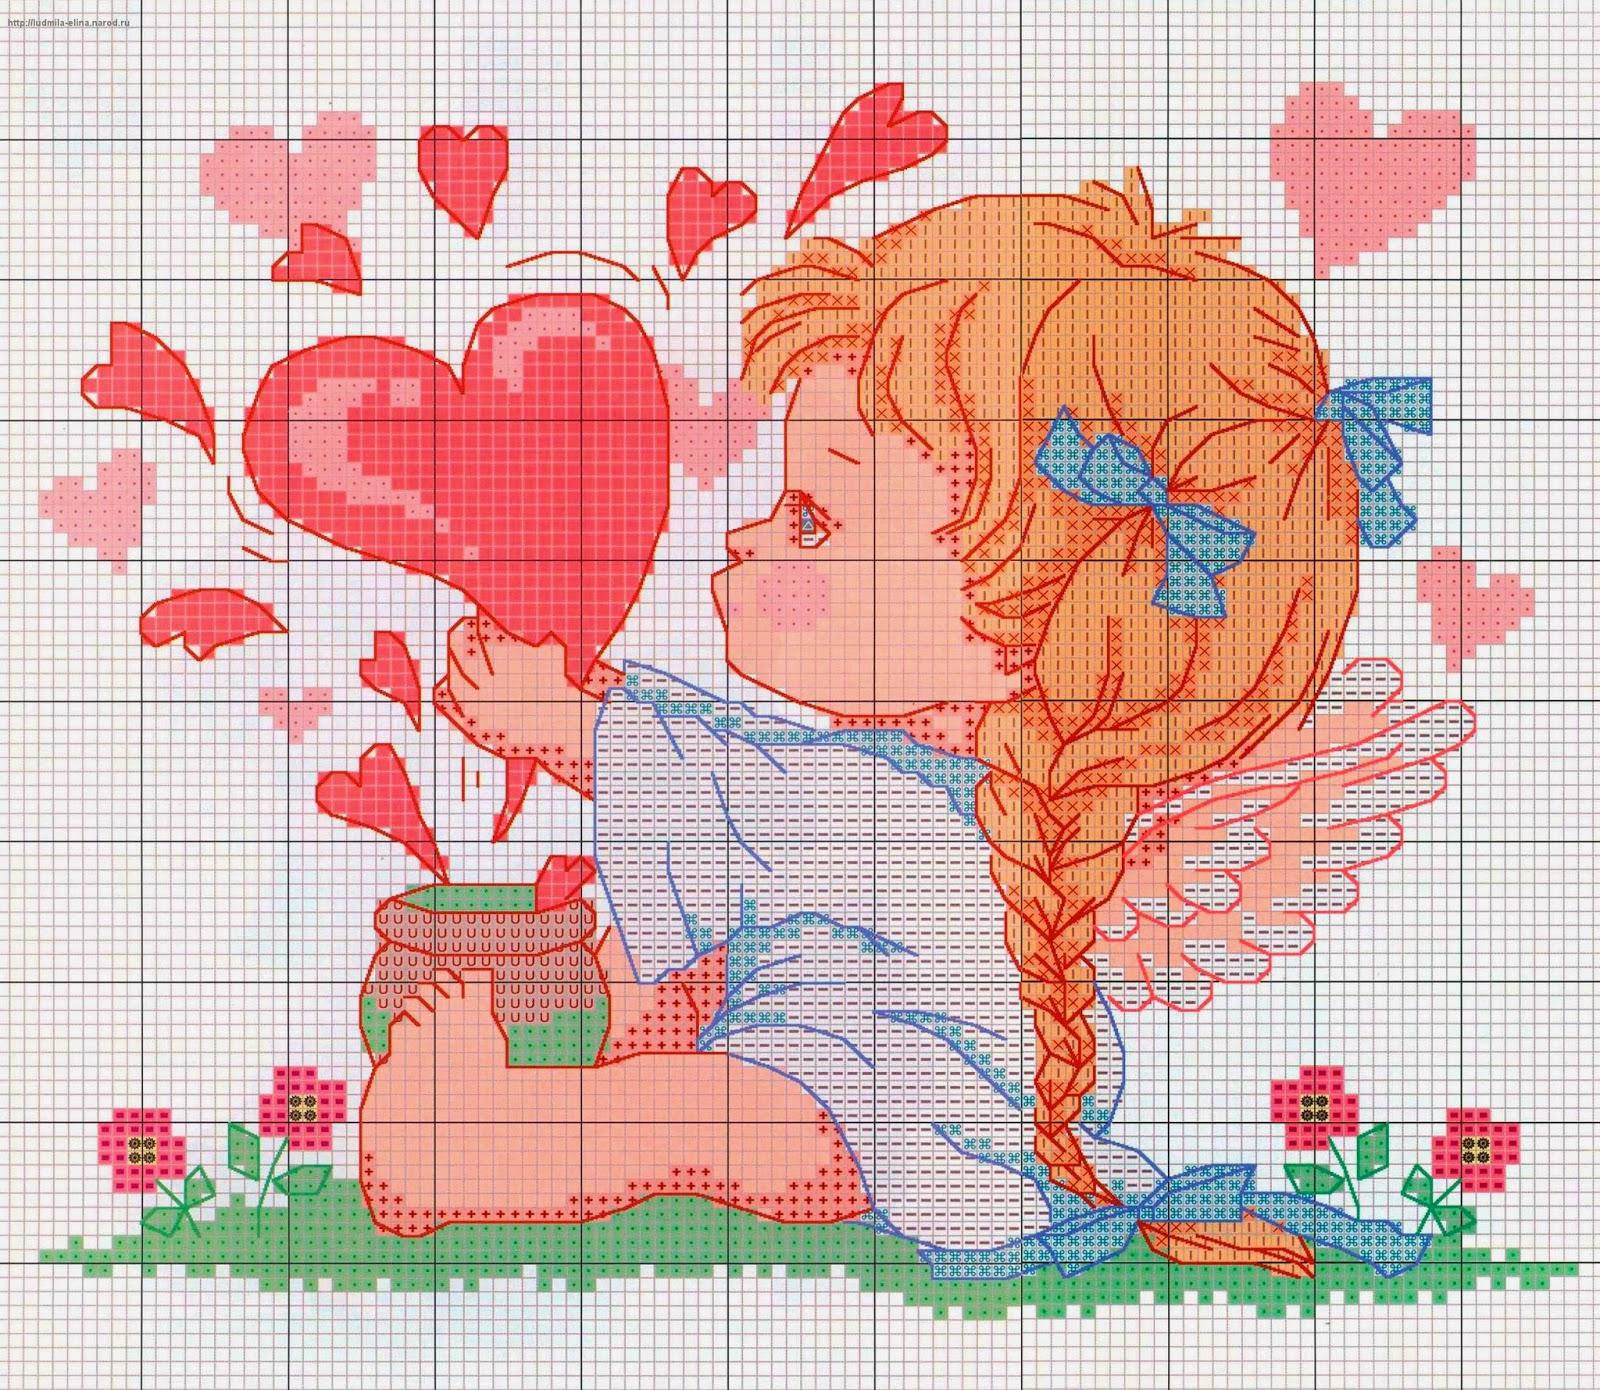 Вышивка крестиком - схемы вышивок сердечек. Обсуждение на ...